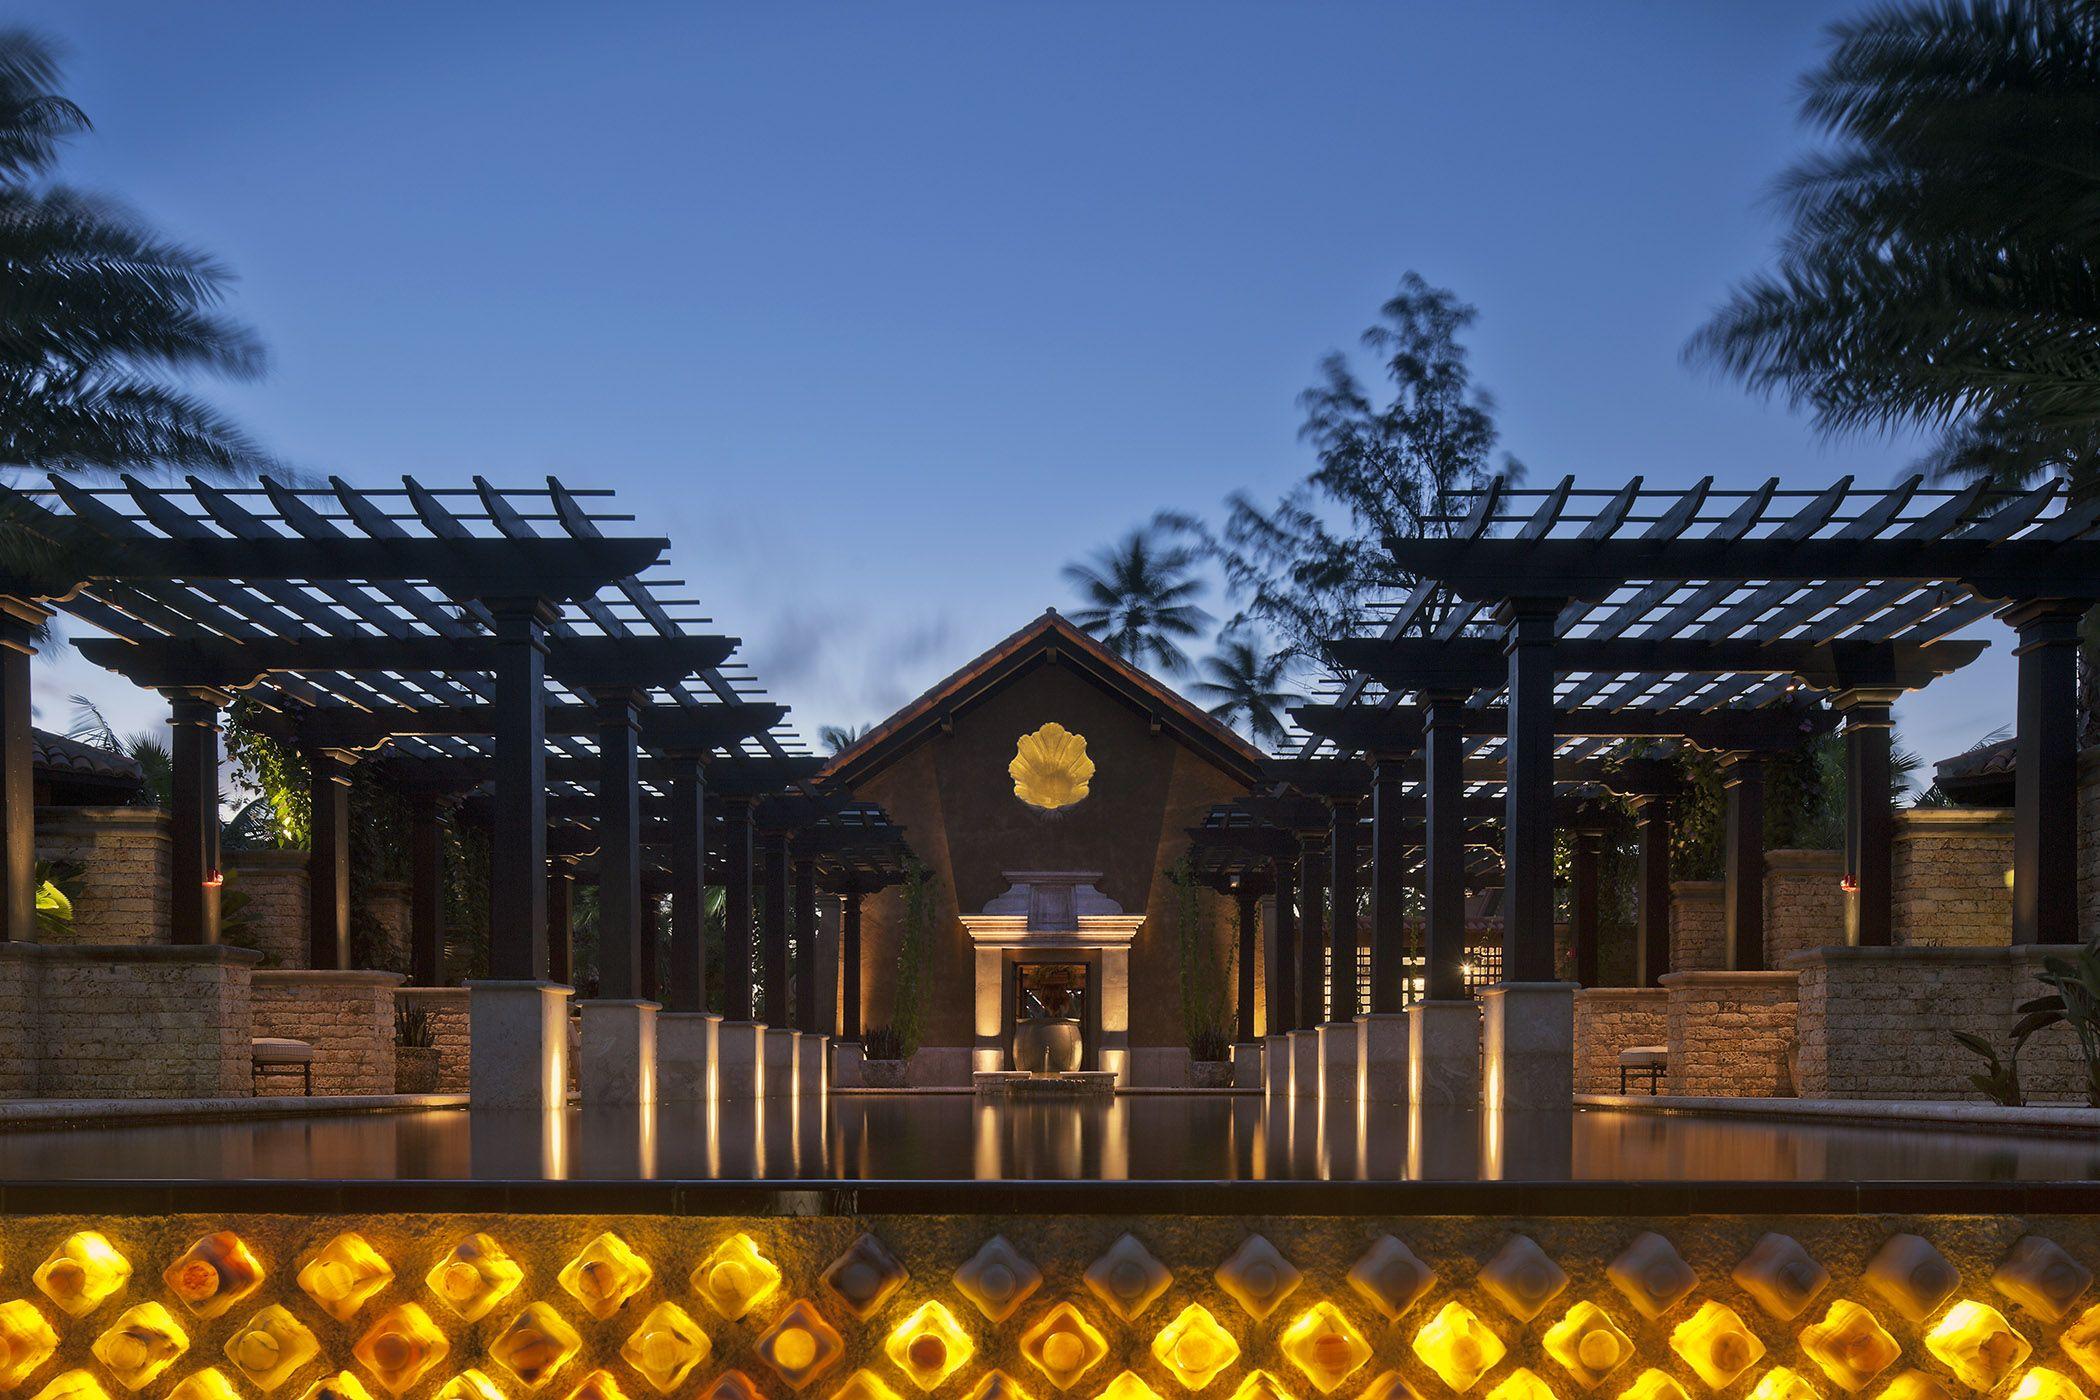 Spa Botanico at Dorado Beach, A RitzCarlton Reserve